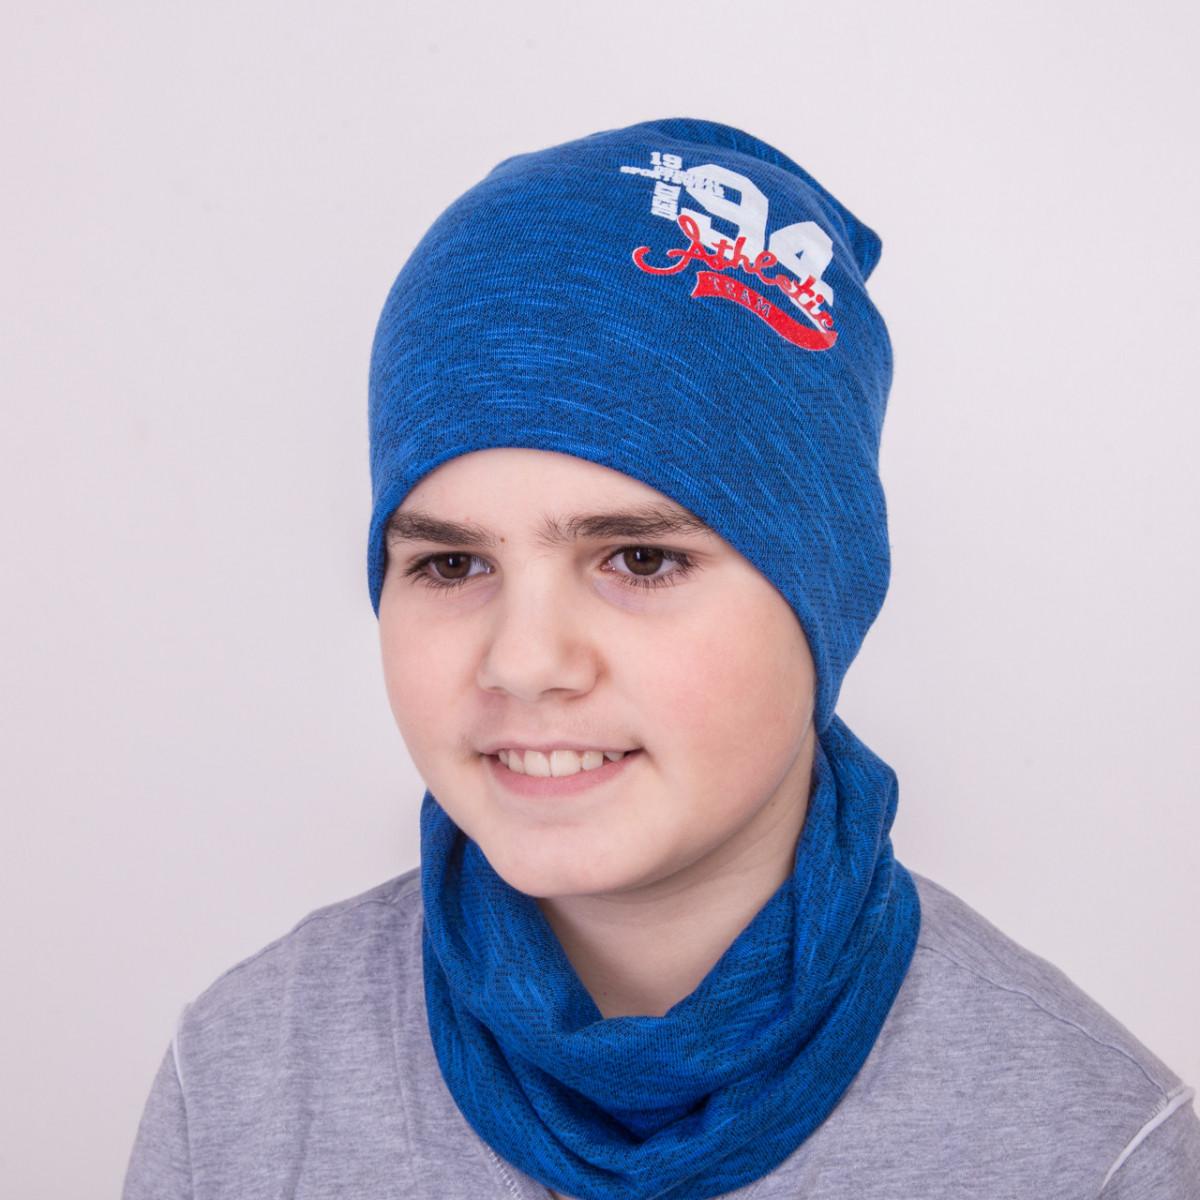 Комплект для хлопчика на весну-осінь оптом - Atletic - Артикул 2212